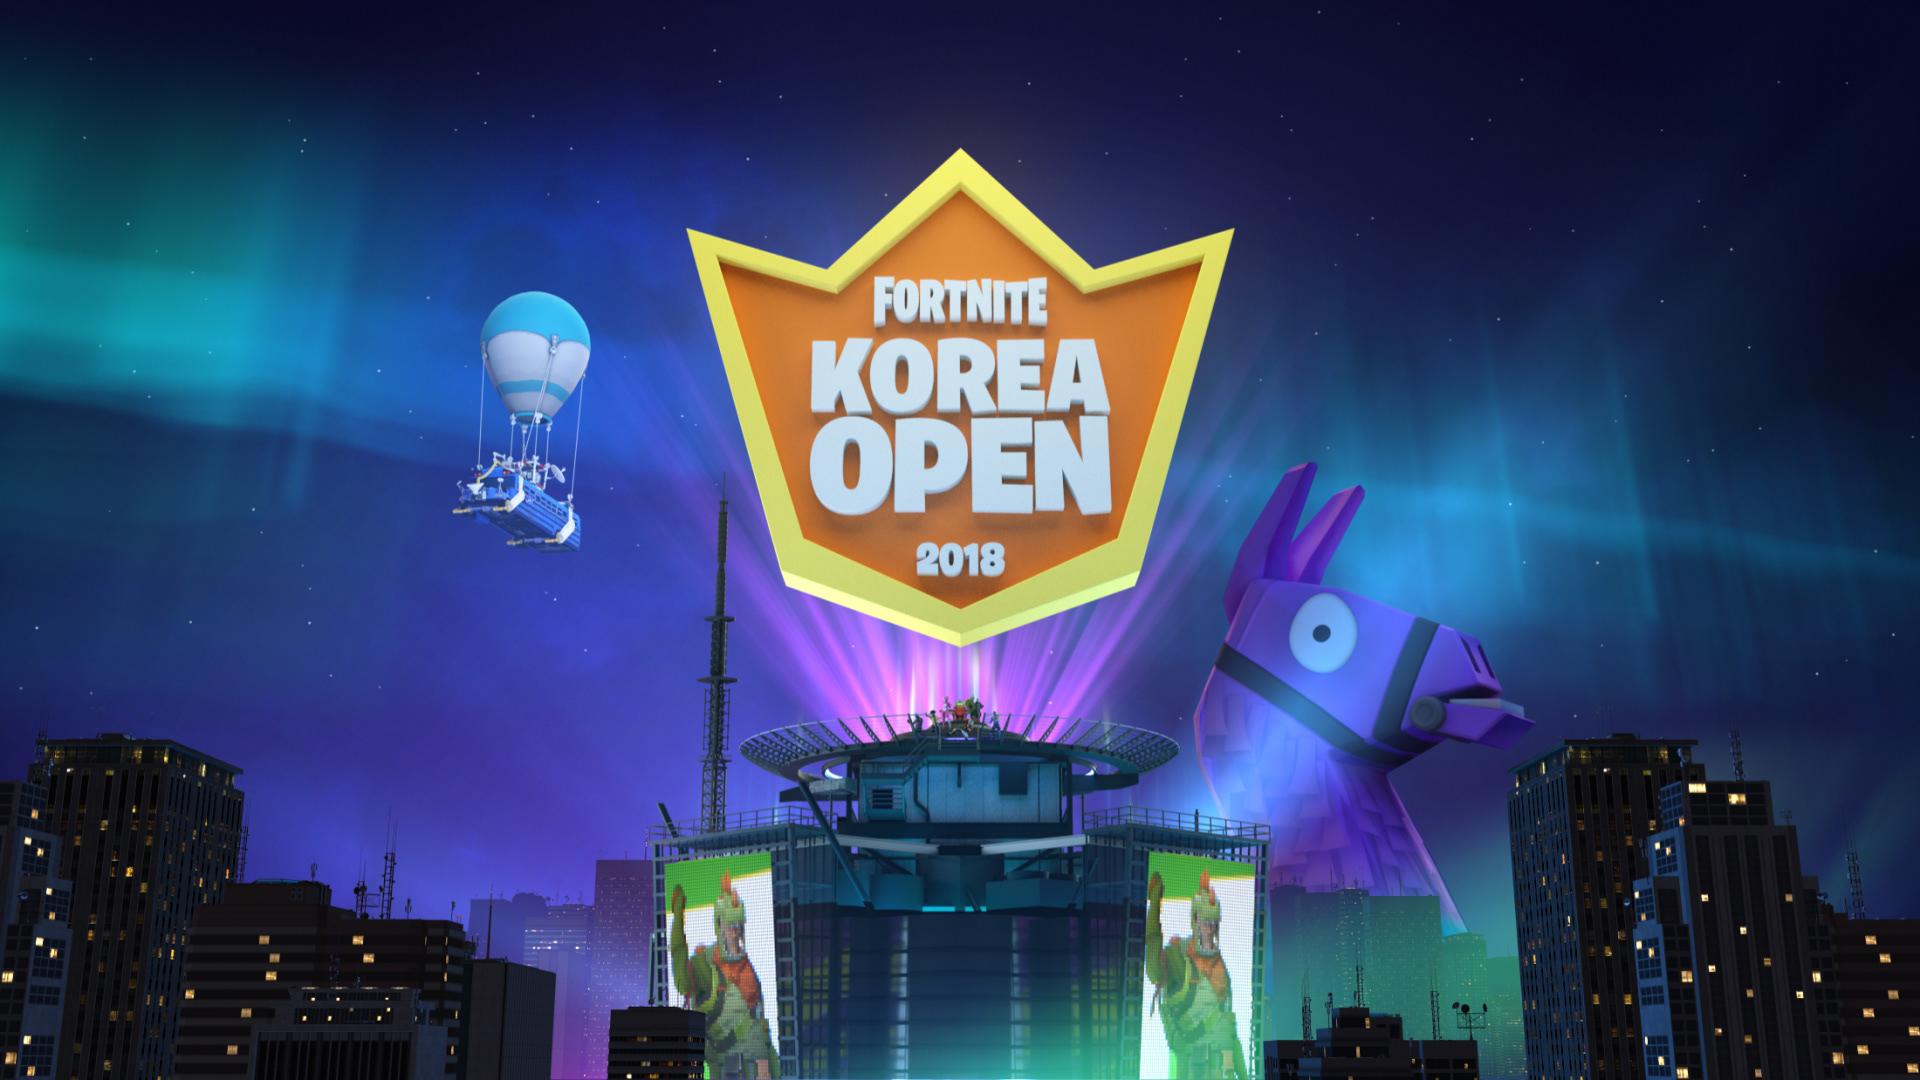 - korea open fortnite